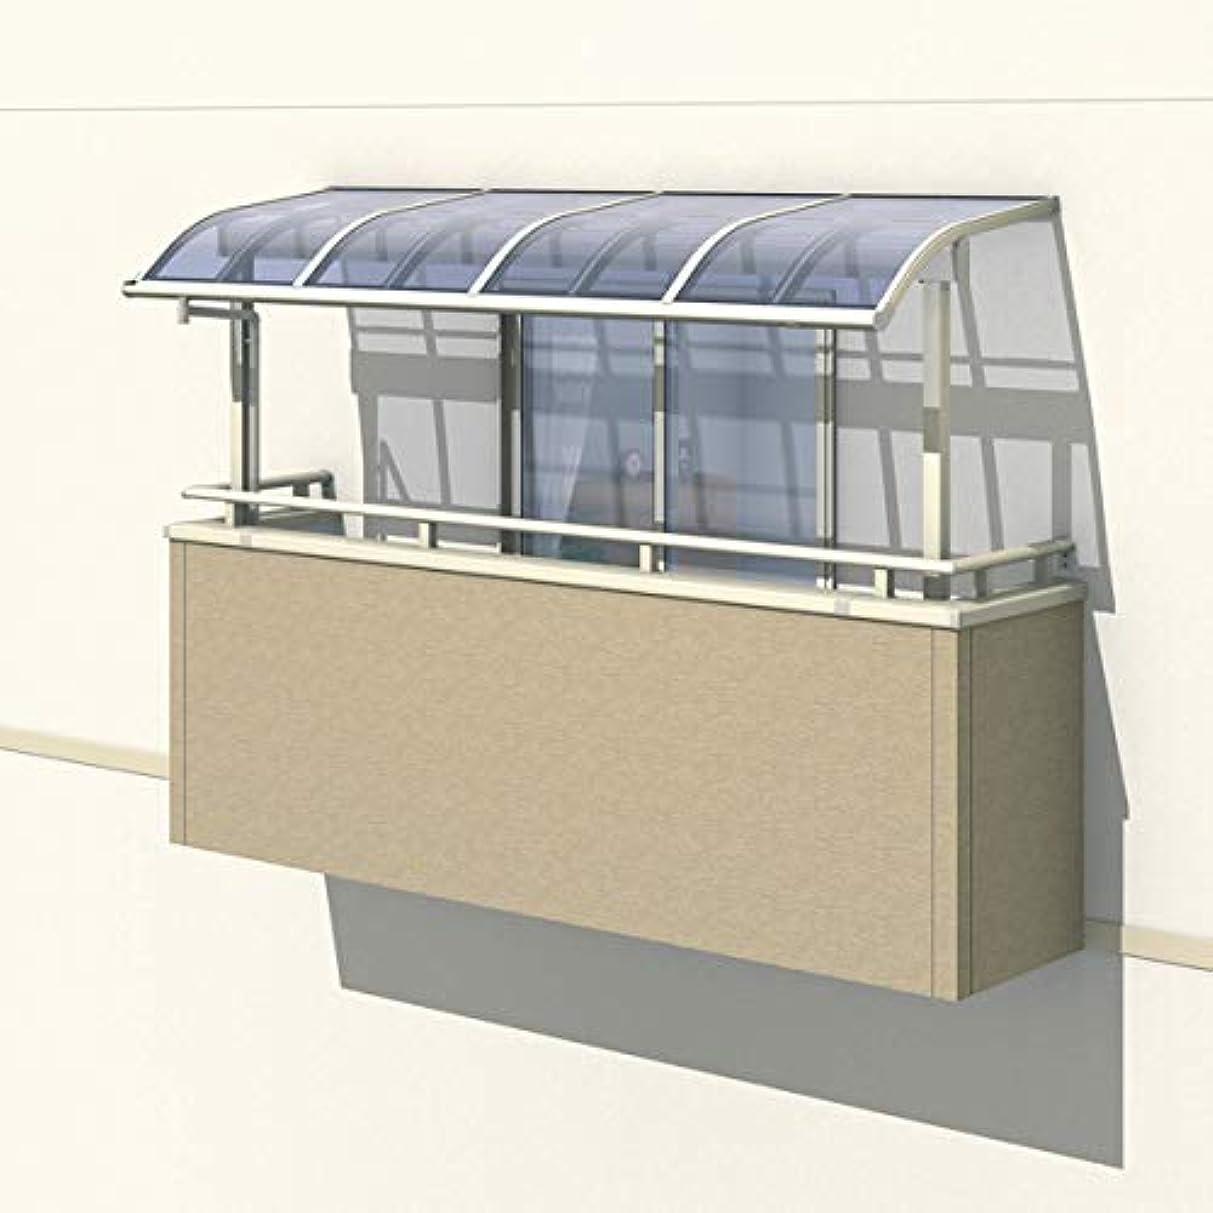 床辛いかわす三協アルミ レボリューZ 4.5間×7尺 1500タイプ/関東間/2階用R型/出幅移動収まり/3連結 『テラス屋根』 熱線遮断ポリカ サンシルバー